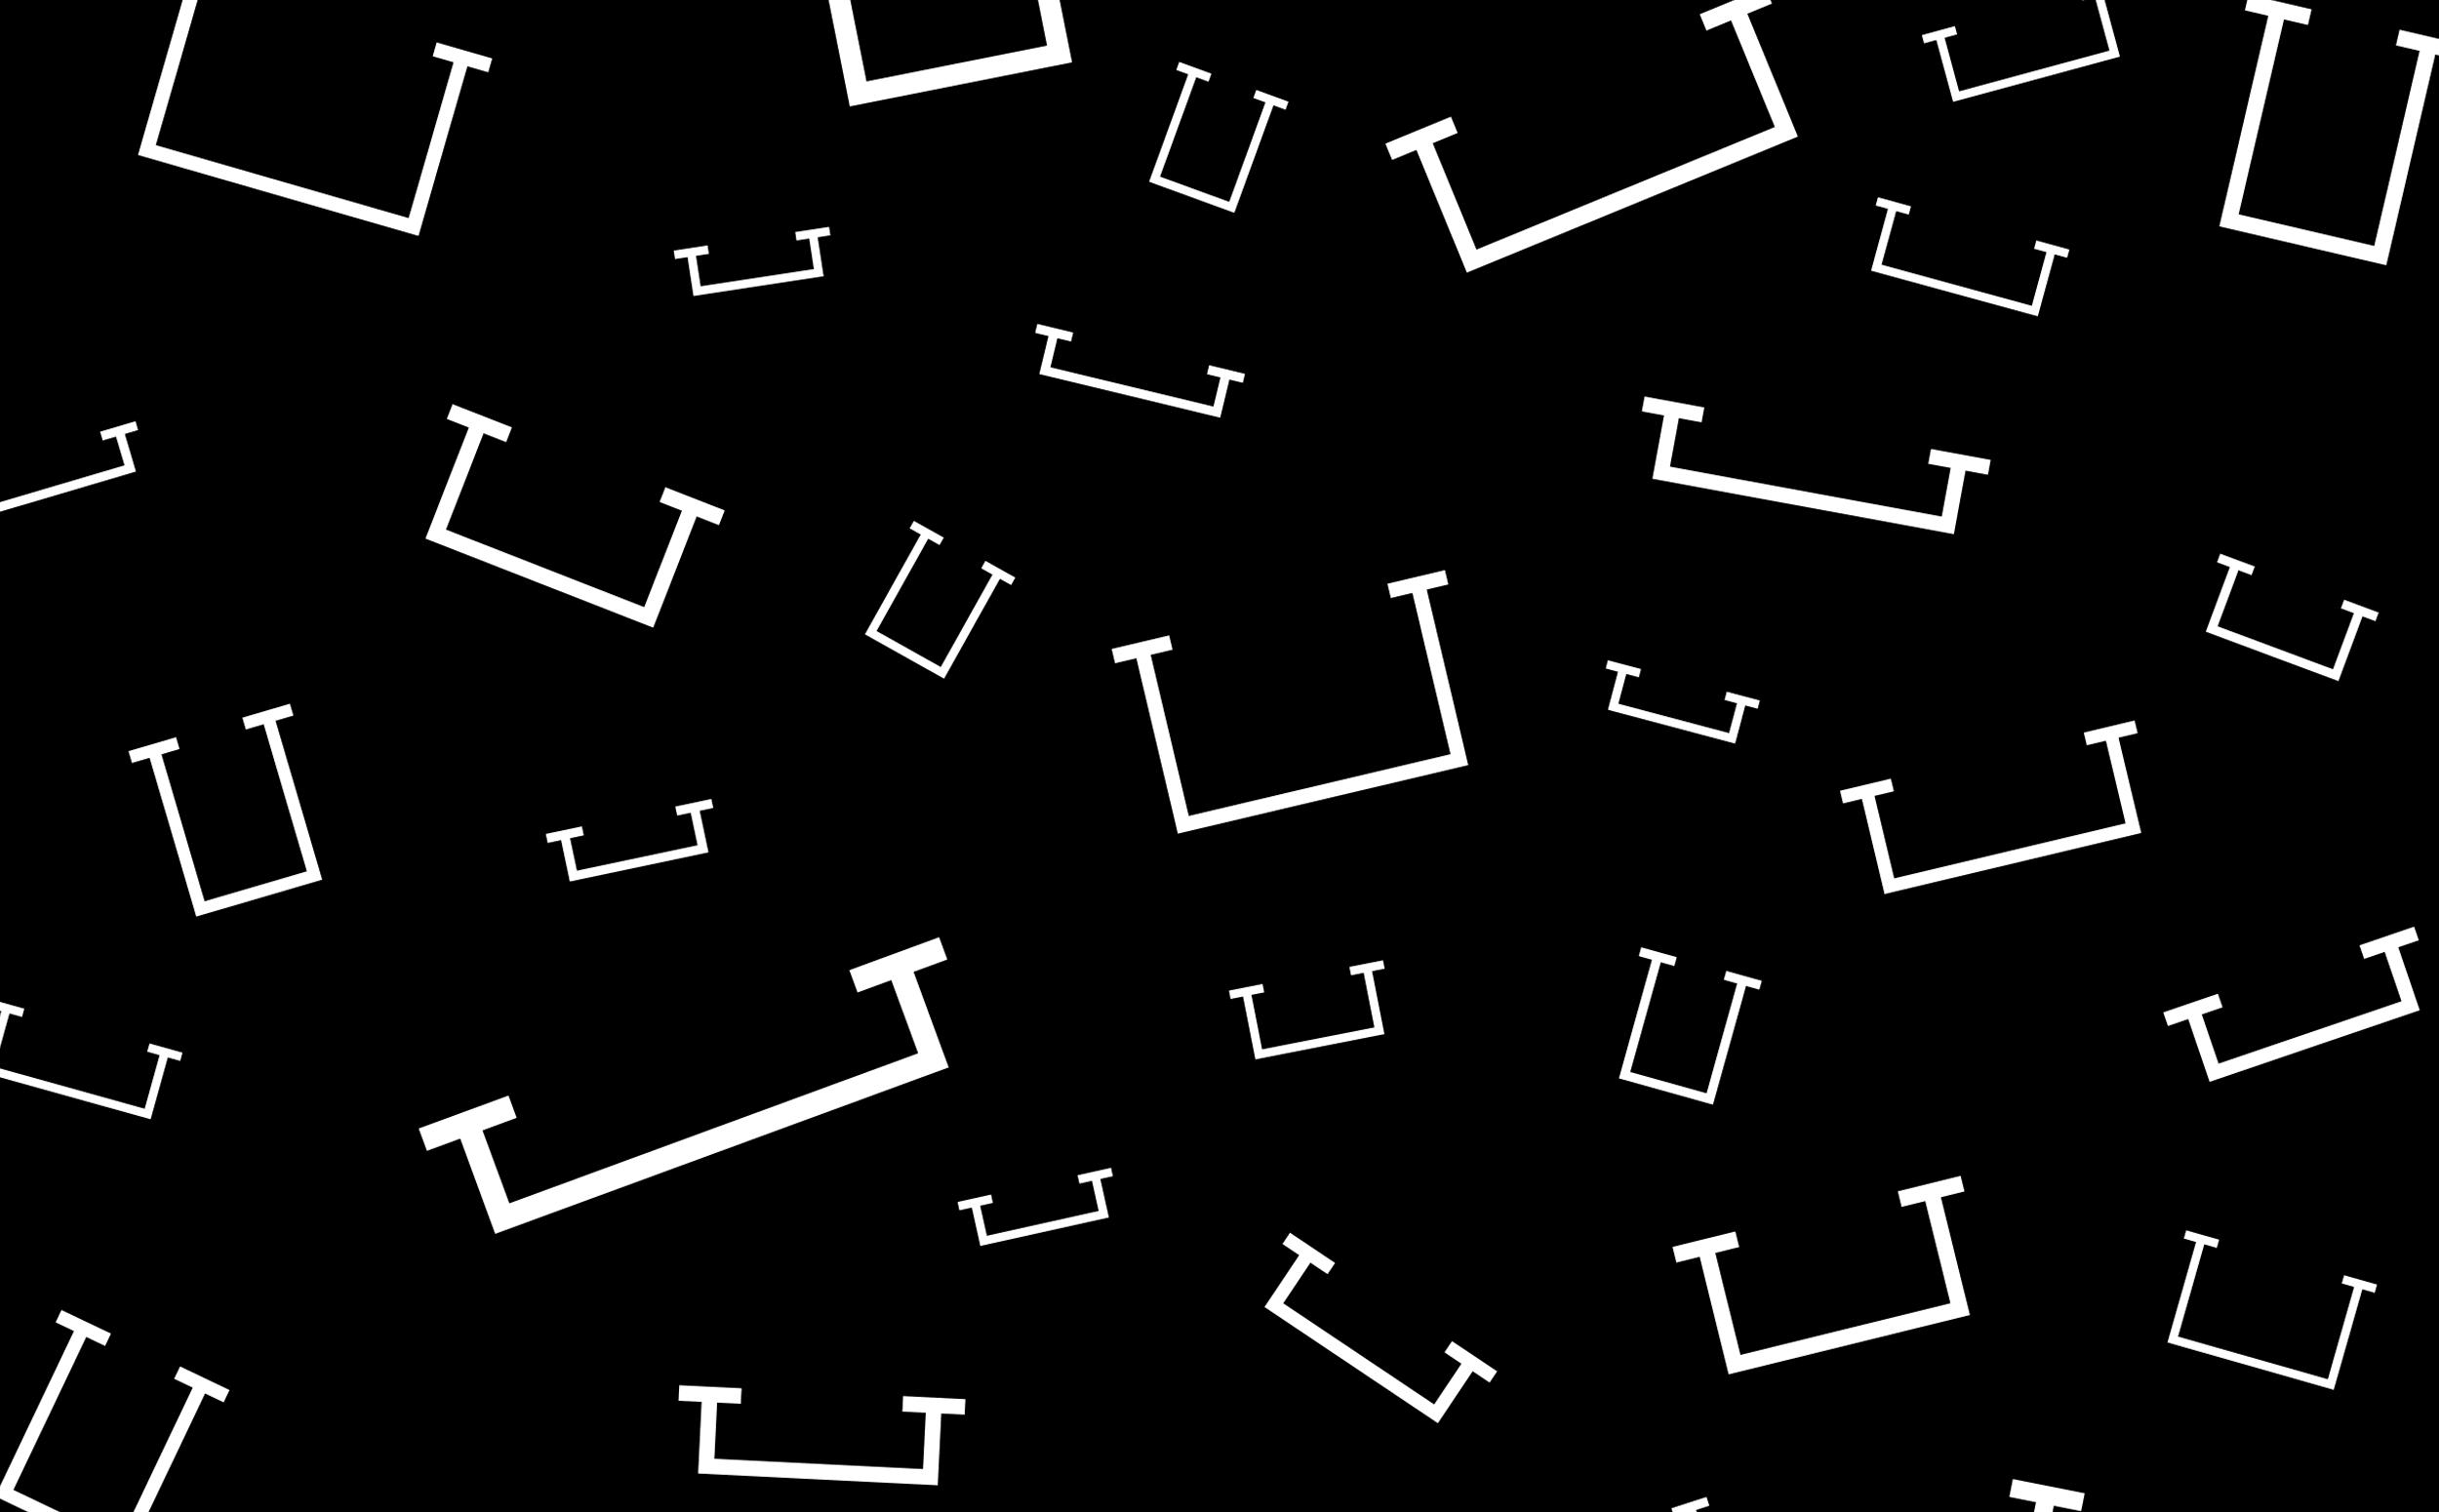 pit_pattern